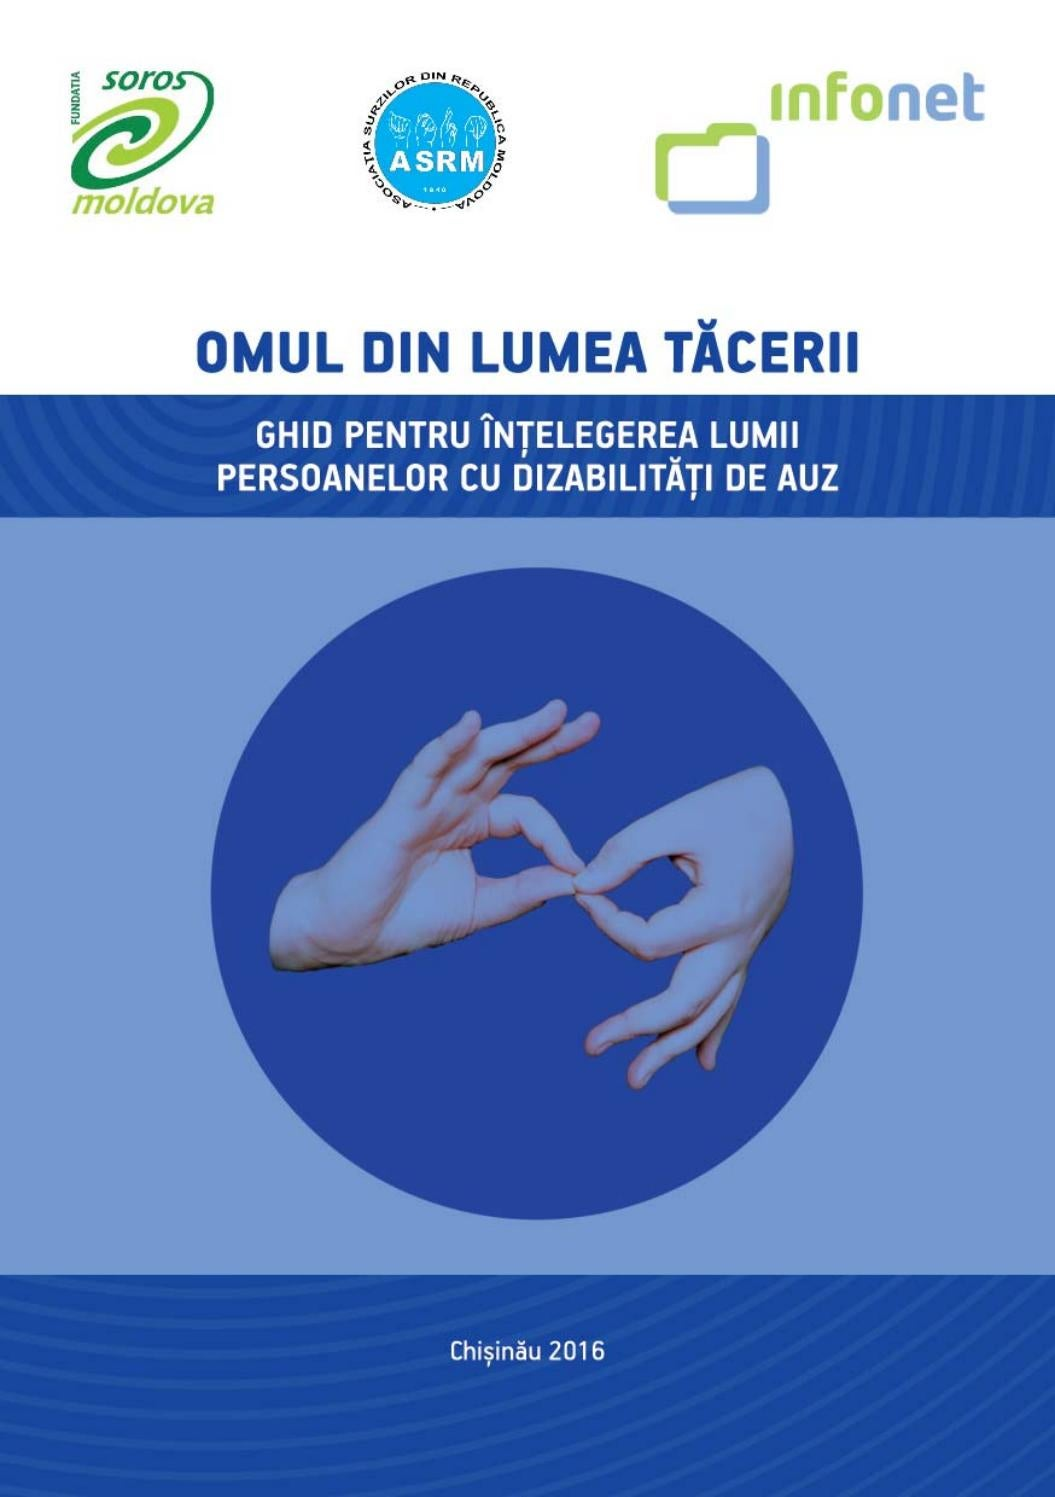 exercițiu pentru persoanele cu deficiențe de vedere)